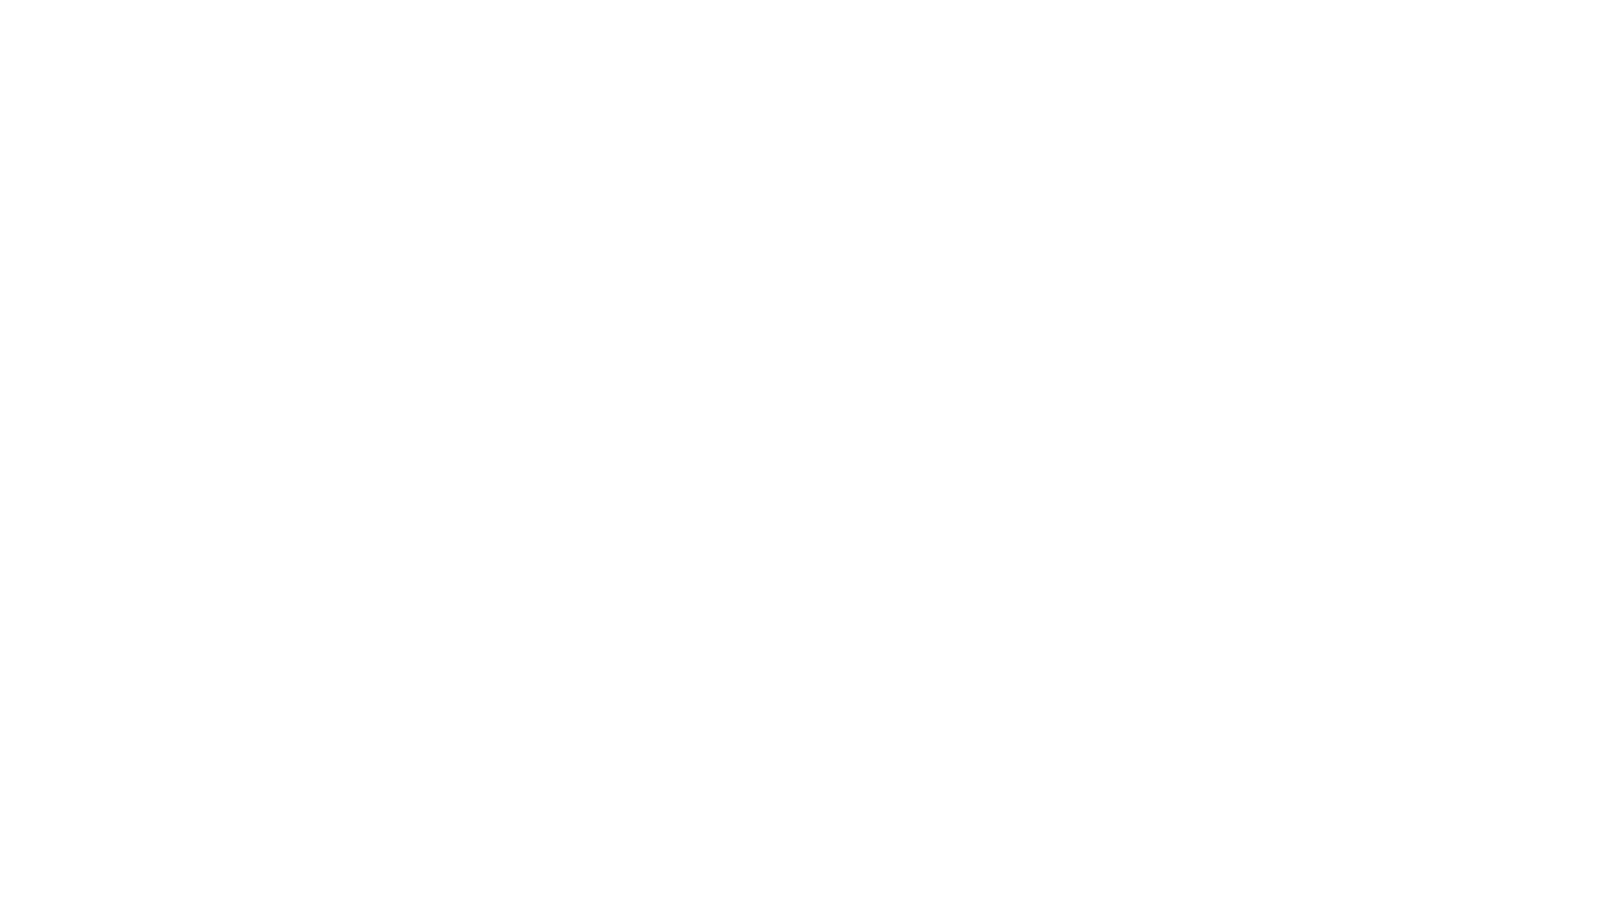 """Este domingo a partir de las 10:30, nuestros juniors de la categoría flag se enfrentarán a los Fuengirola Potros en una final con doble partido. Supone un broche perfecto para una temporada atípica que ciertamente nos ha dejado más momentos buenos que malos. El staff junior, comandado por Jose Jiménez """"Lostboy"""" tendrá que terminar de encajar las piezas de un equipo muy nuevo, si quiere tener la iniciativa de la jornada y que el premio se queda en nuestra casa, Maracena. Si bien el espíritu de ambas escuadras es el de lograr que los jugadores y jugadoras participen y disfruten por encima de todo, nunca está demás tener un aliciente como ser campeones de Andalucía para dar lo mejor de cada uno. Además, la jornada terminará con un amistoso entre nuestro equipo de categoría open y los Arroyo Knights de Fuengirola. Aprovechamos para agradecer a todos nuestros patrocinadores y colabores y sobre todo al Ayuntamiento de Maracena, sin el cual el crecimiento de nuestra categoría flag sería imposible."""